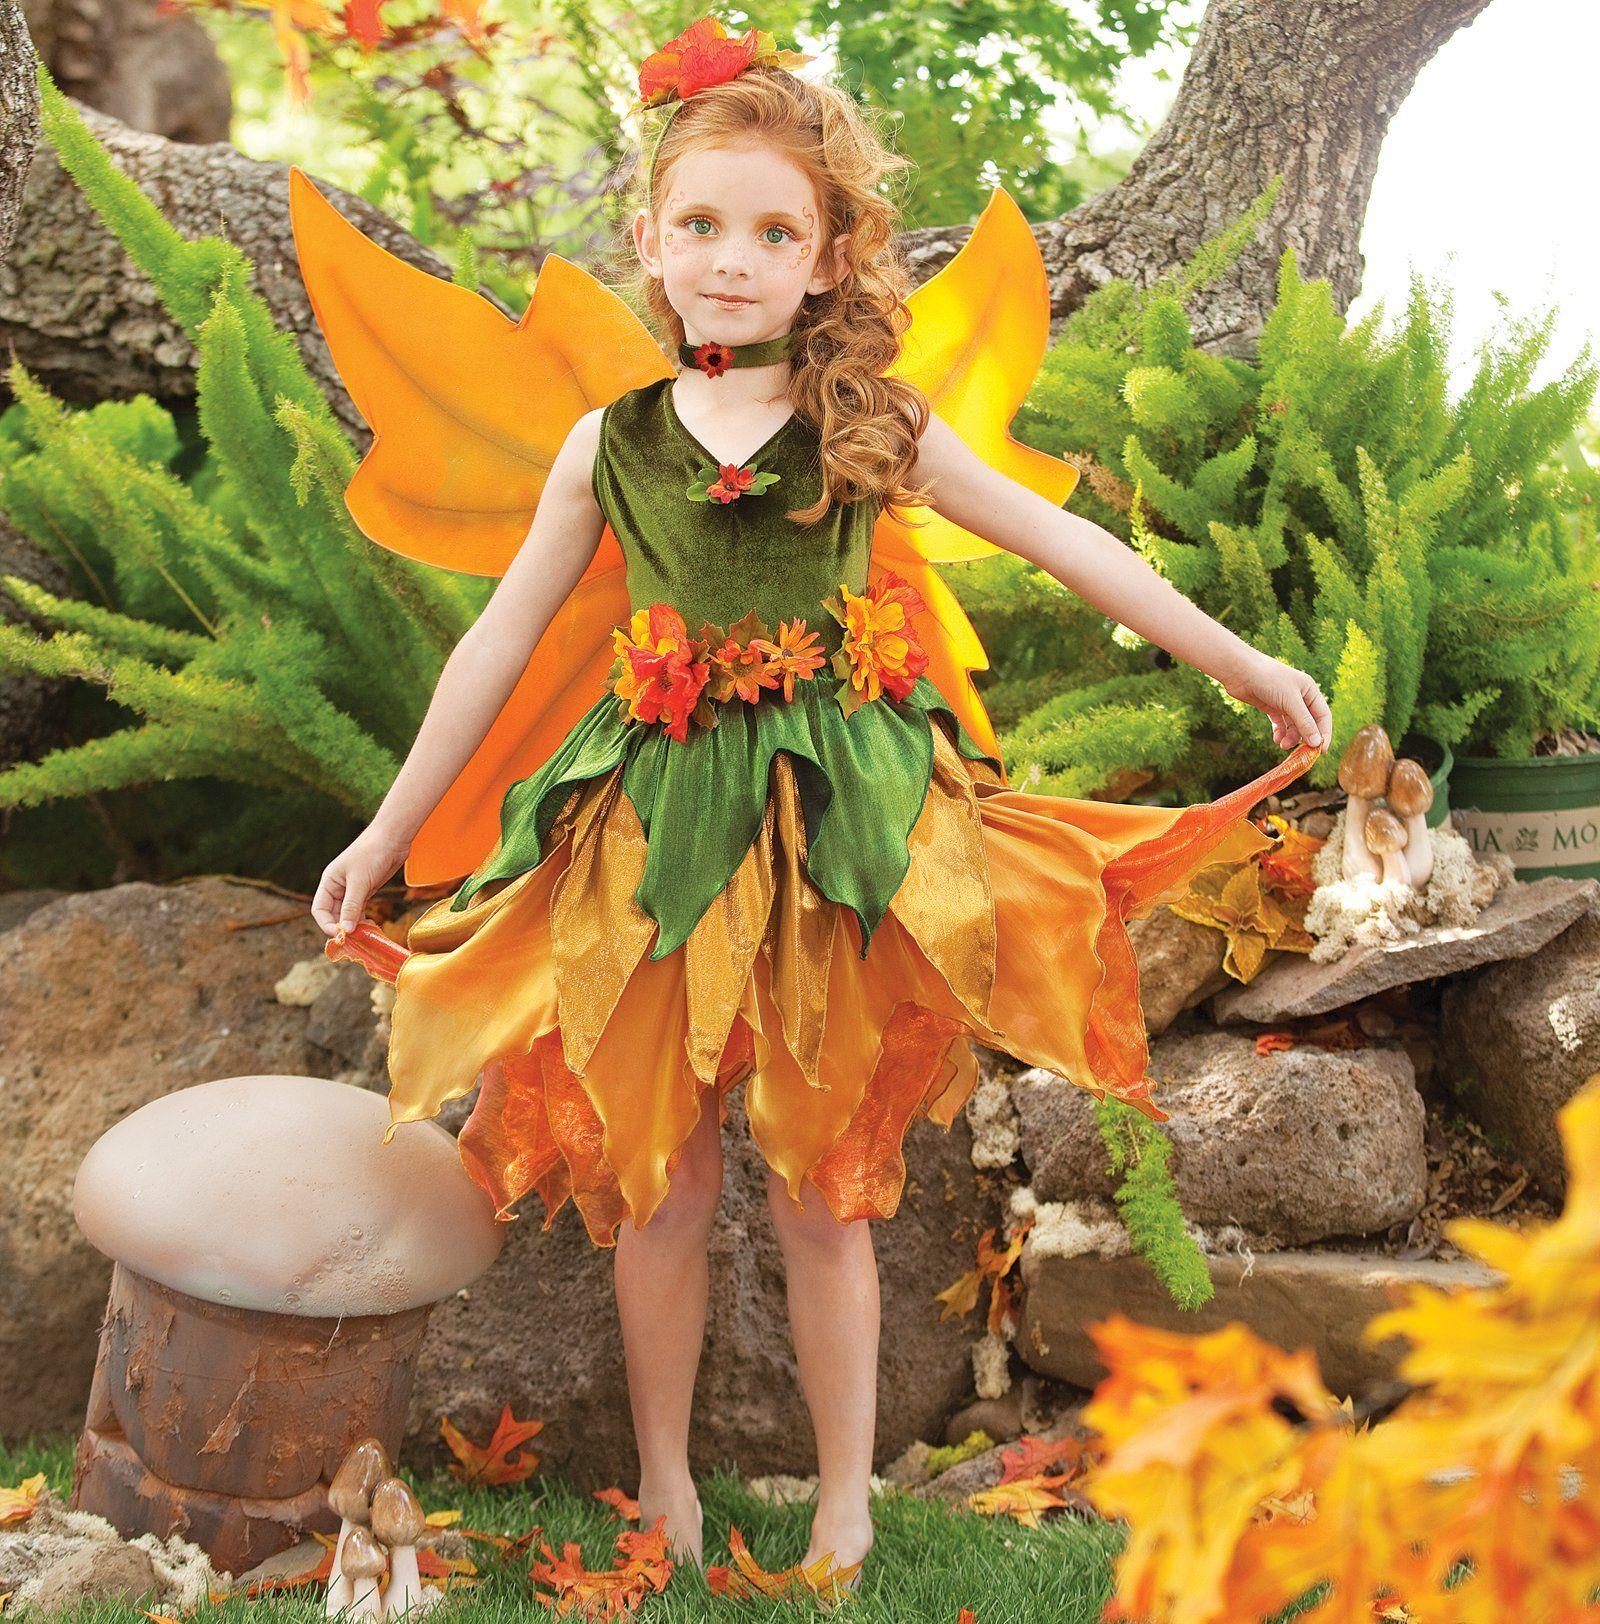 Child/'s Fantasy Dragon Costume